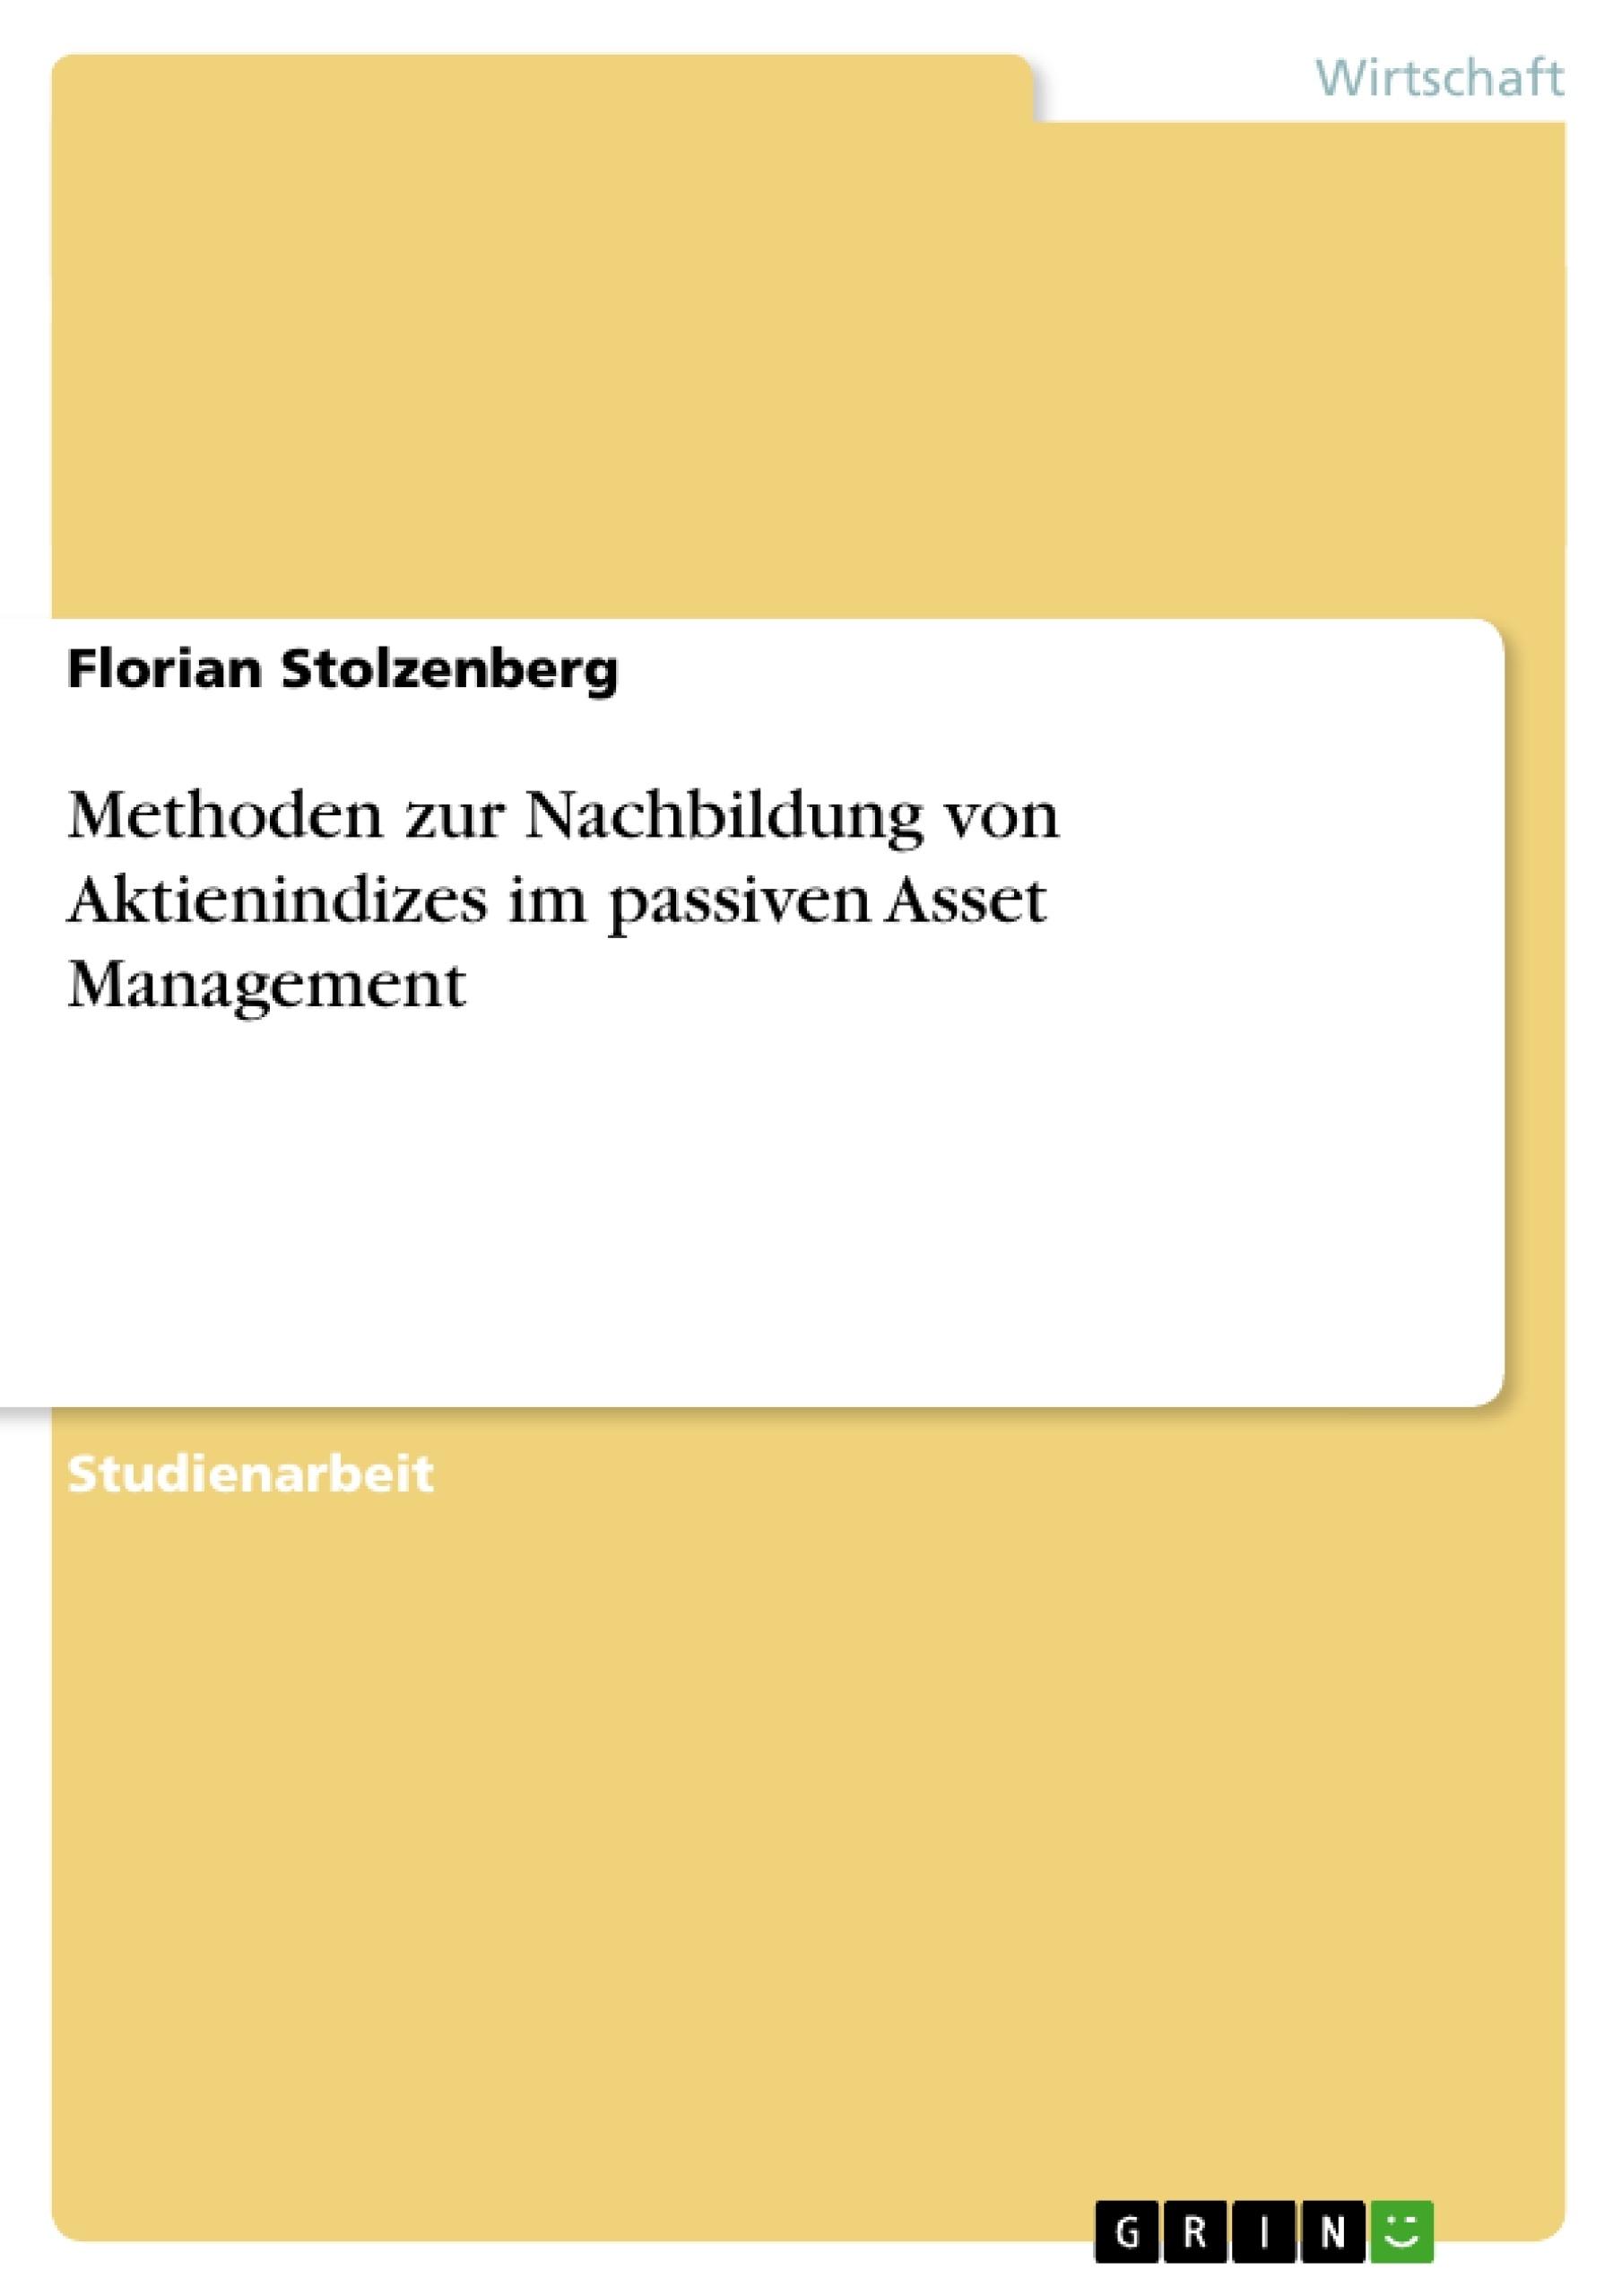 Titel: Methoden zur Nachbildung von Aktienindizes im passiven Asset Management